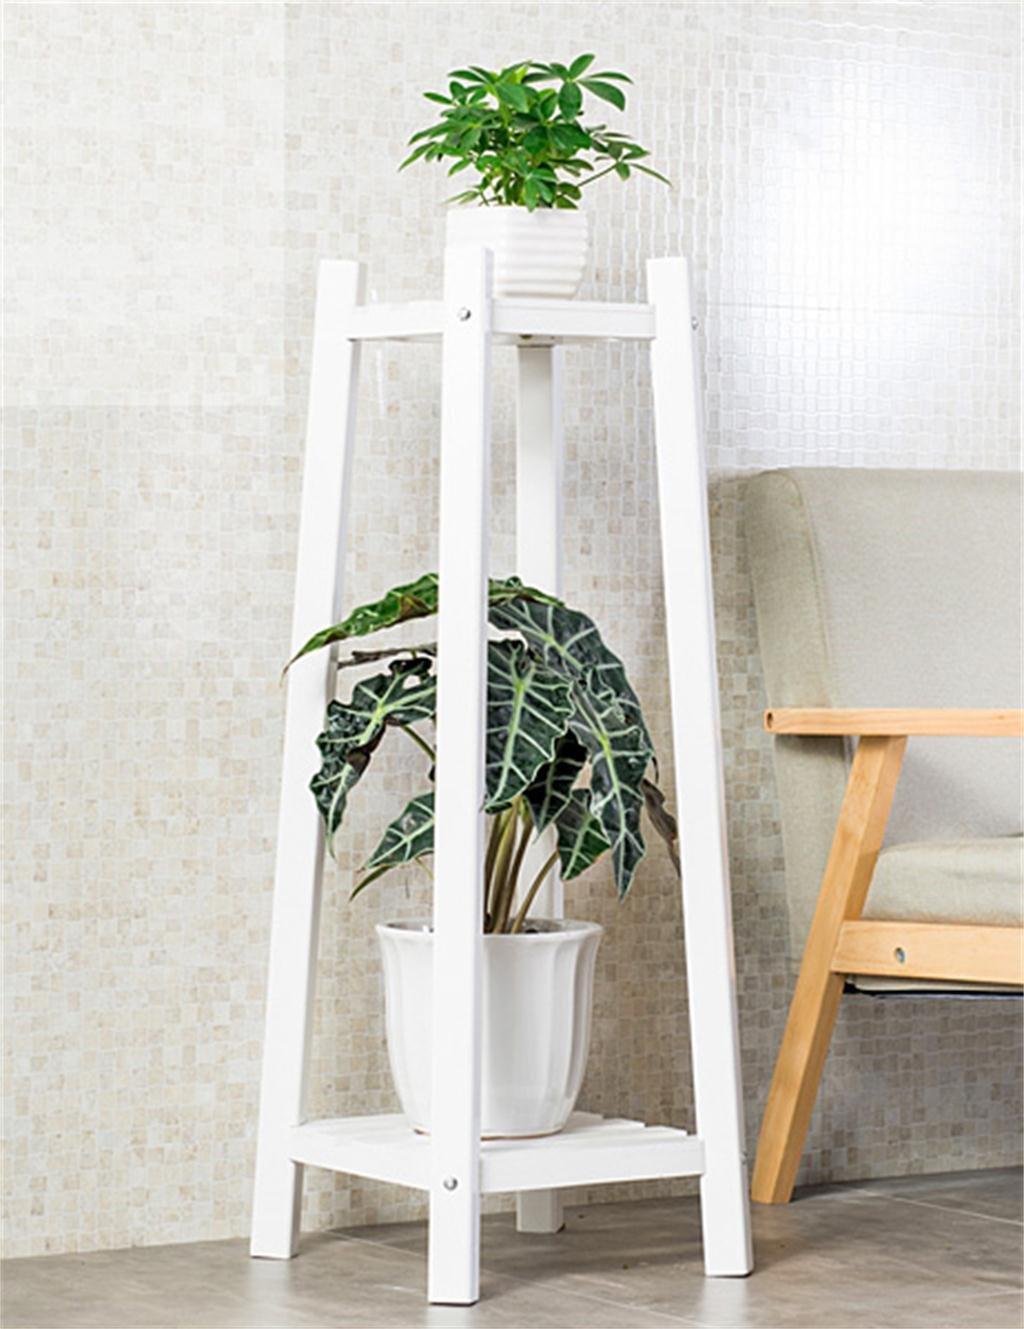 massivholz 2-tier boden blumentopf regal, pflanzen stehen ... - Grose Wohnzimmer Pflanzen